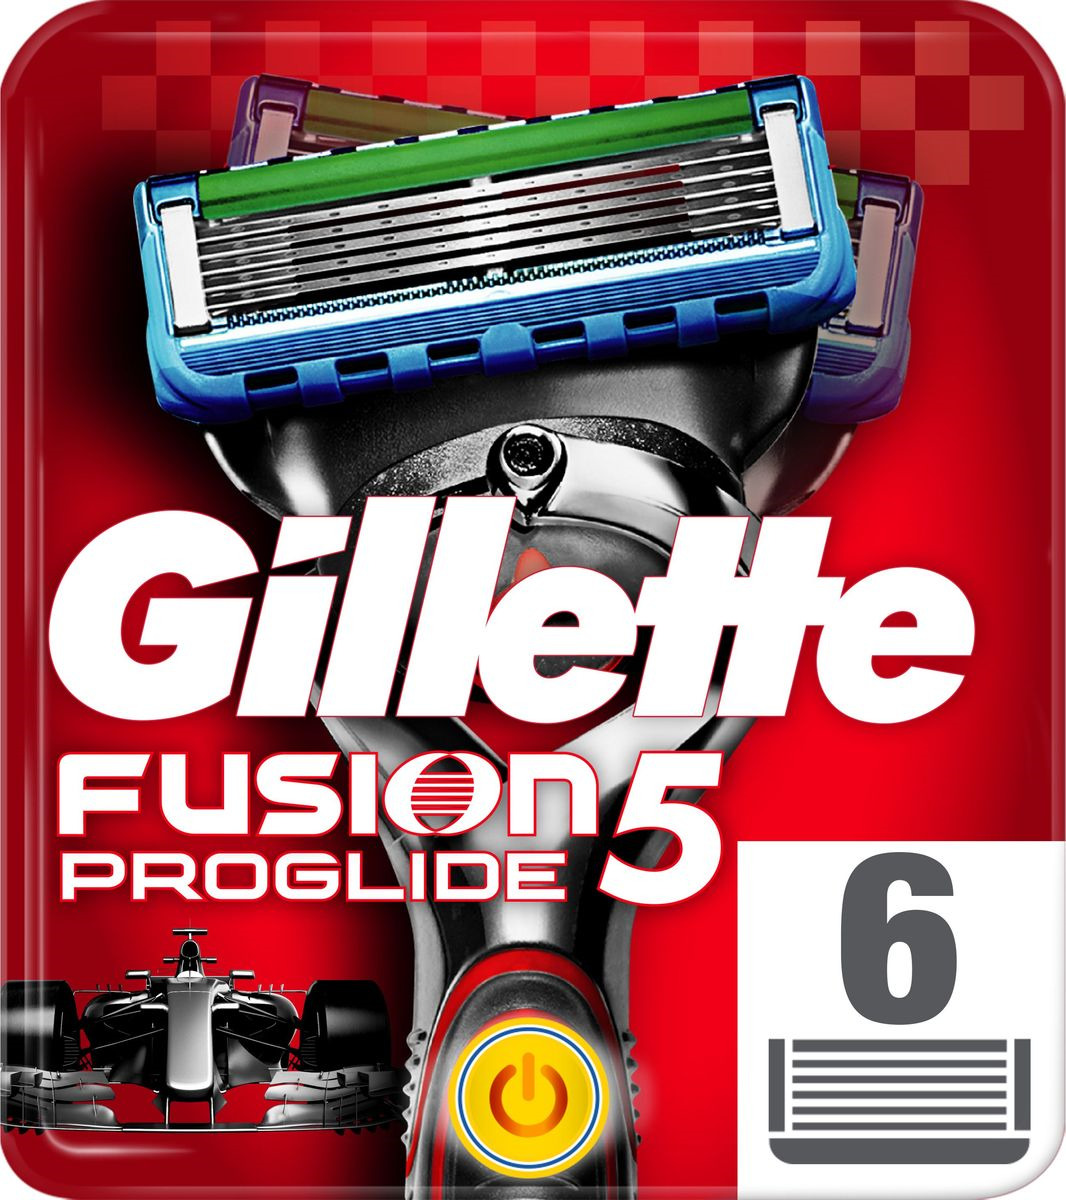 Сменные кассеты для бритв Gillette Fusion5 ProGlide Power, 6 шт